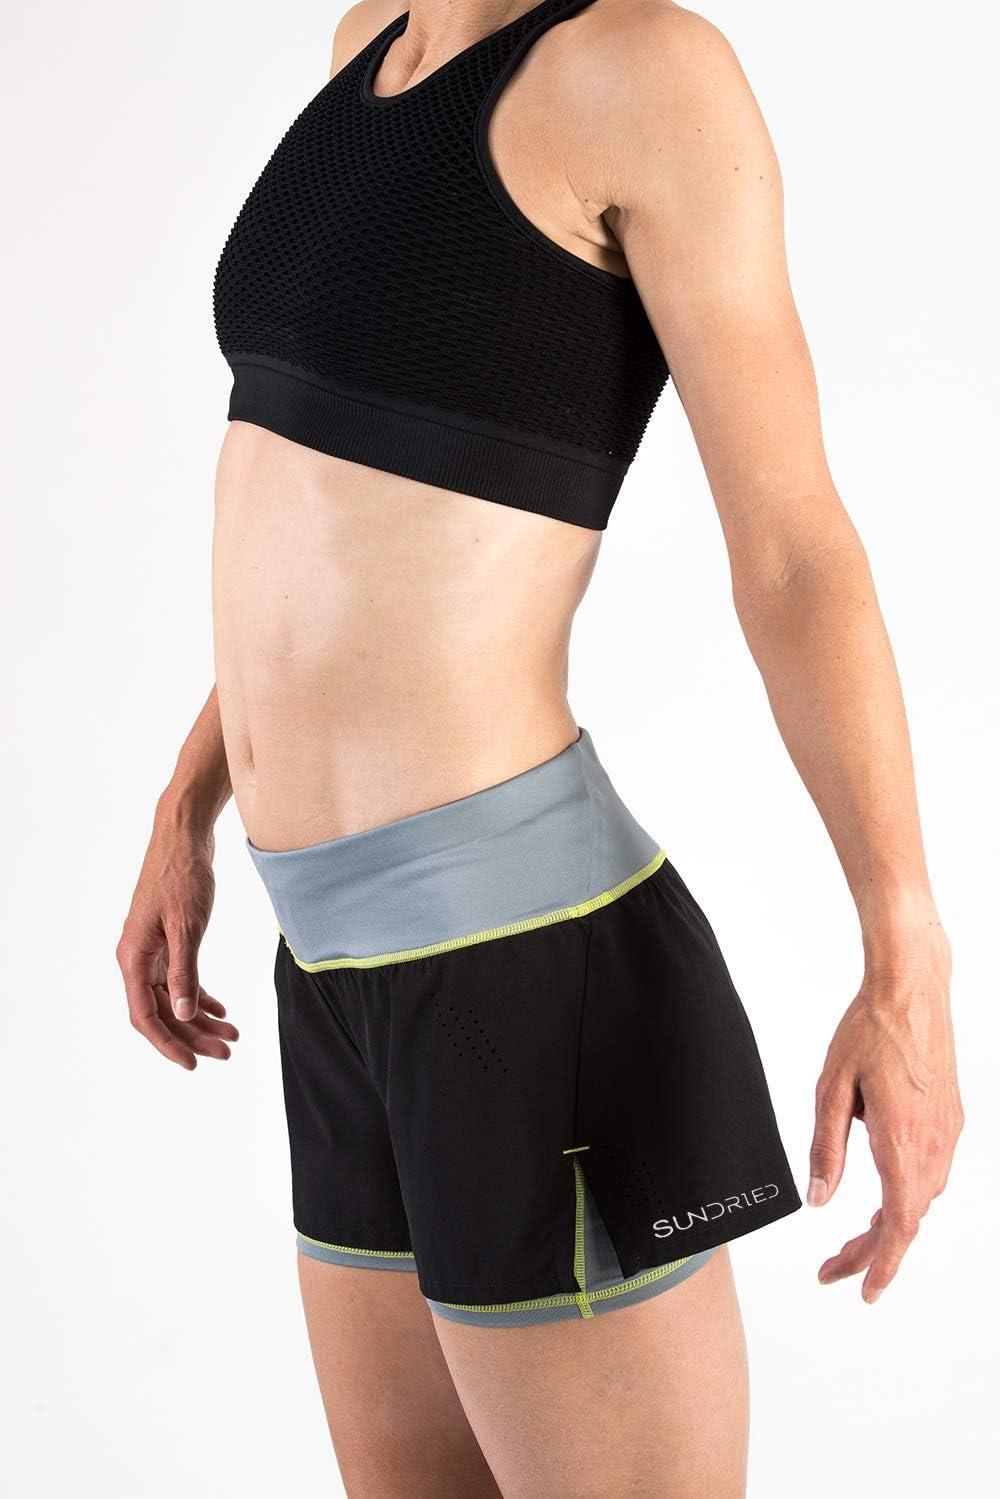 Sundried Short Gym en Cours de Remise en Forme et de la Formation 2-in-1 Shorts Court Noir Femmes